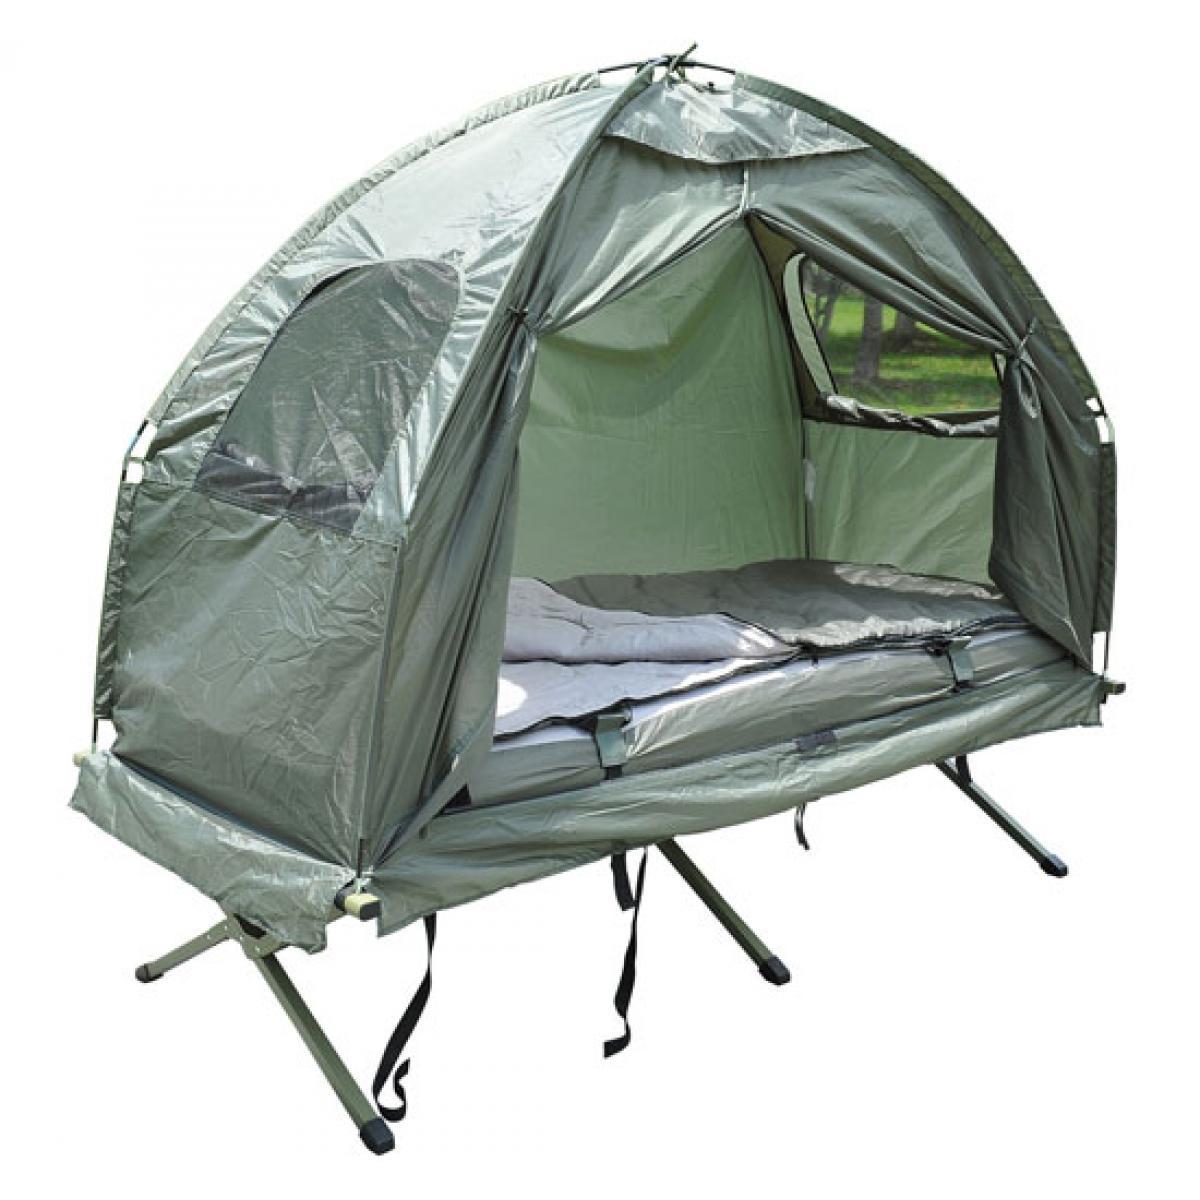 Bcelec Lit de camp avec tente, sac de couchage et matelas gonflable